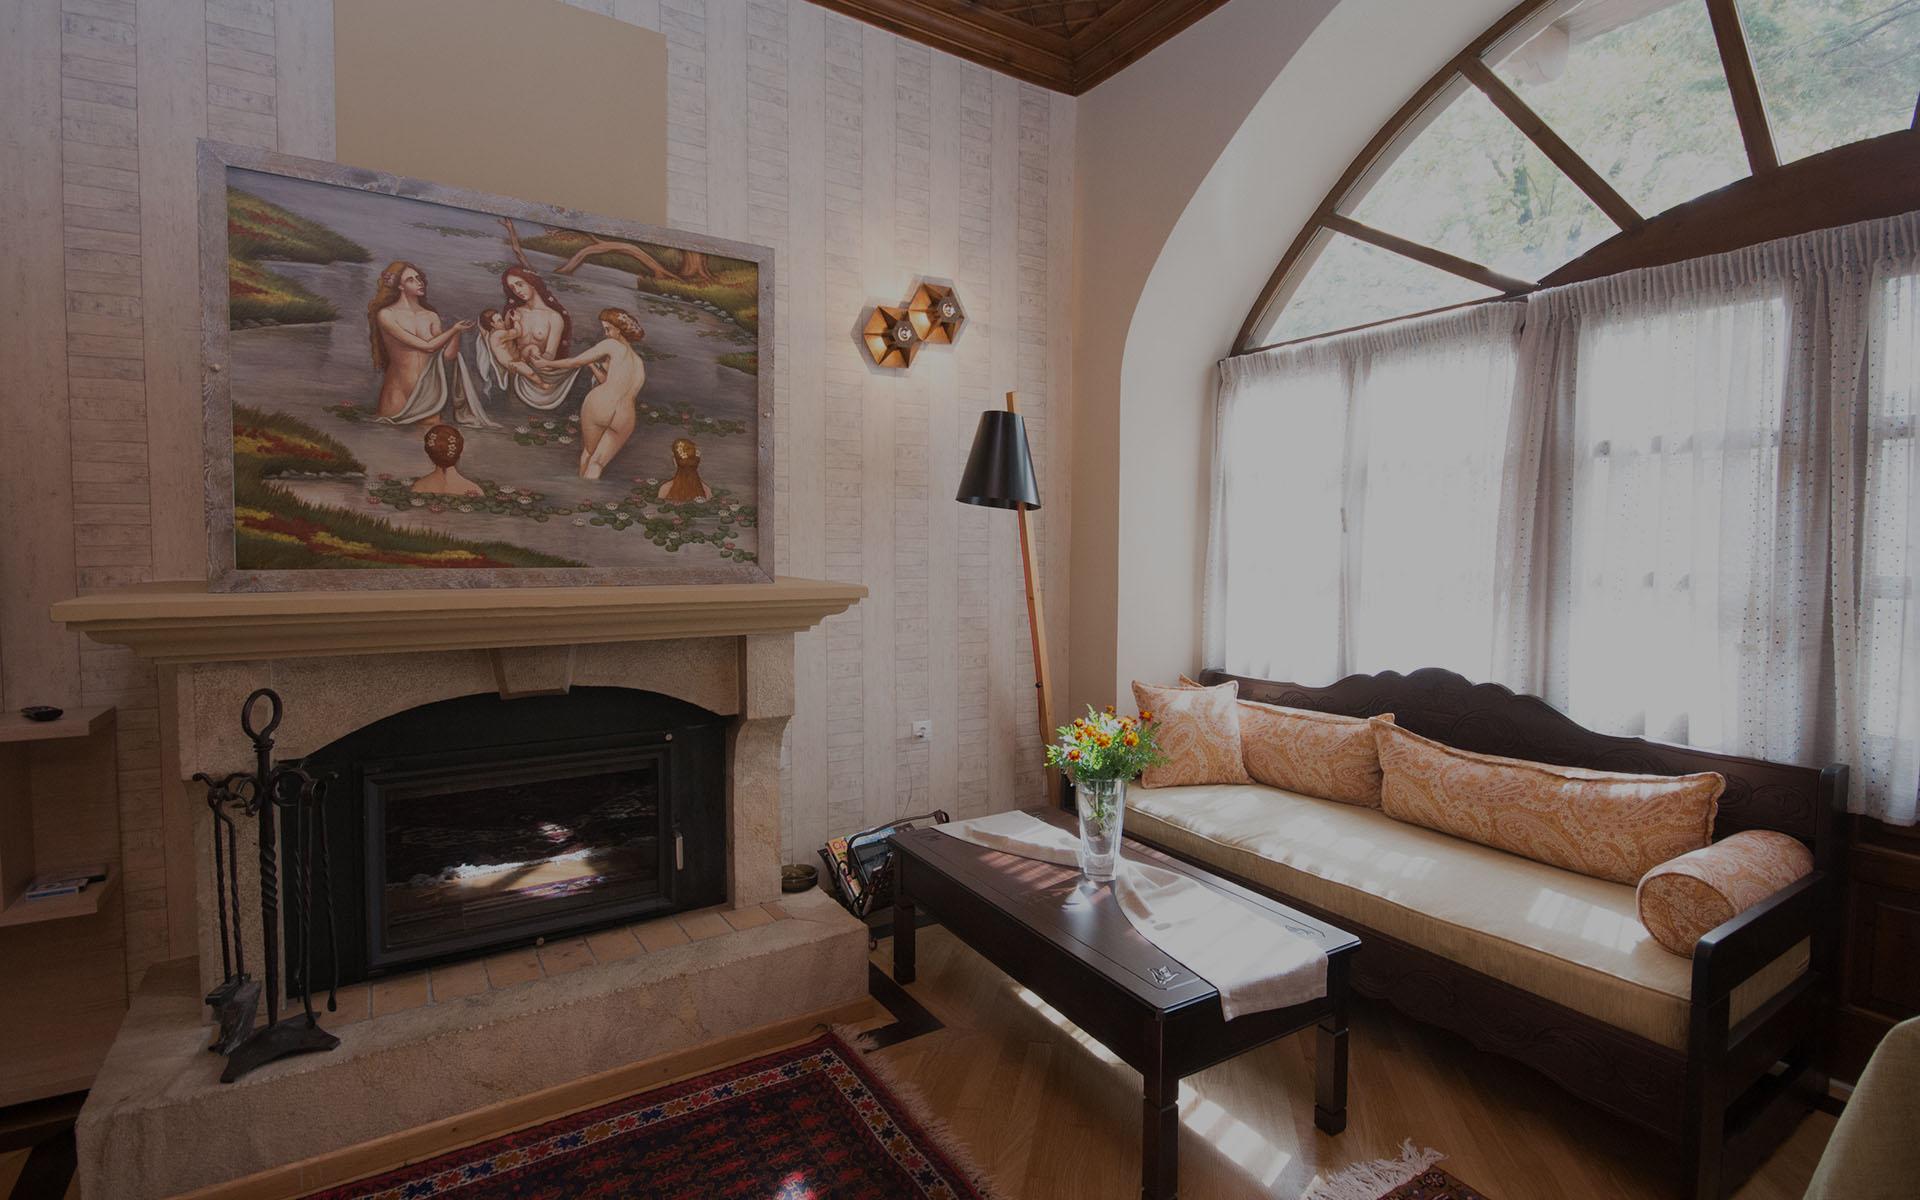 δημητσανα ξενωνες- Guest House Kazas